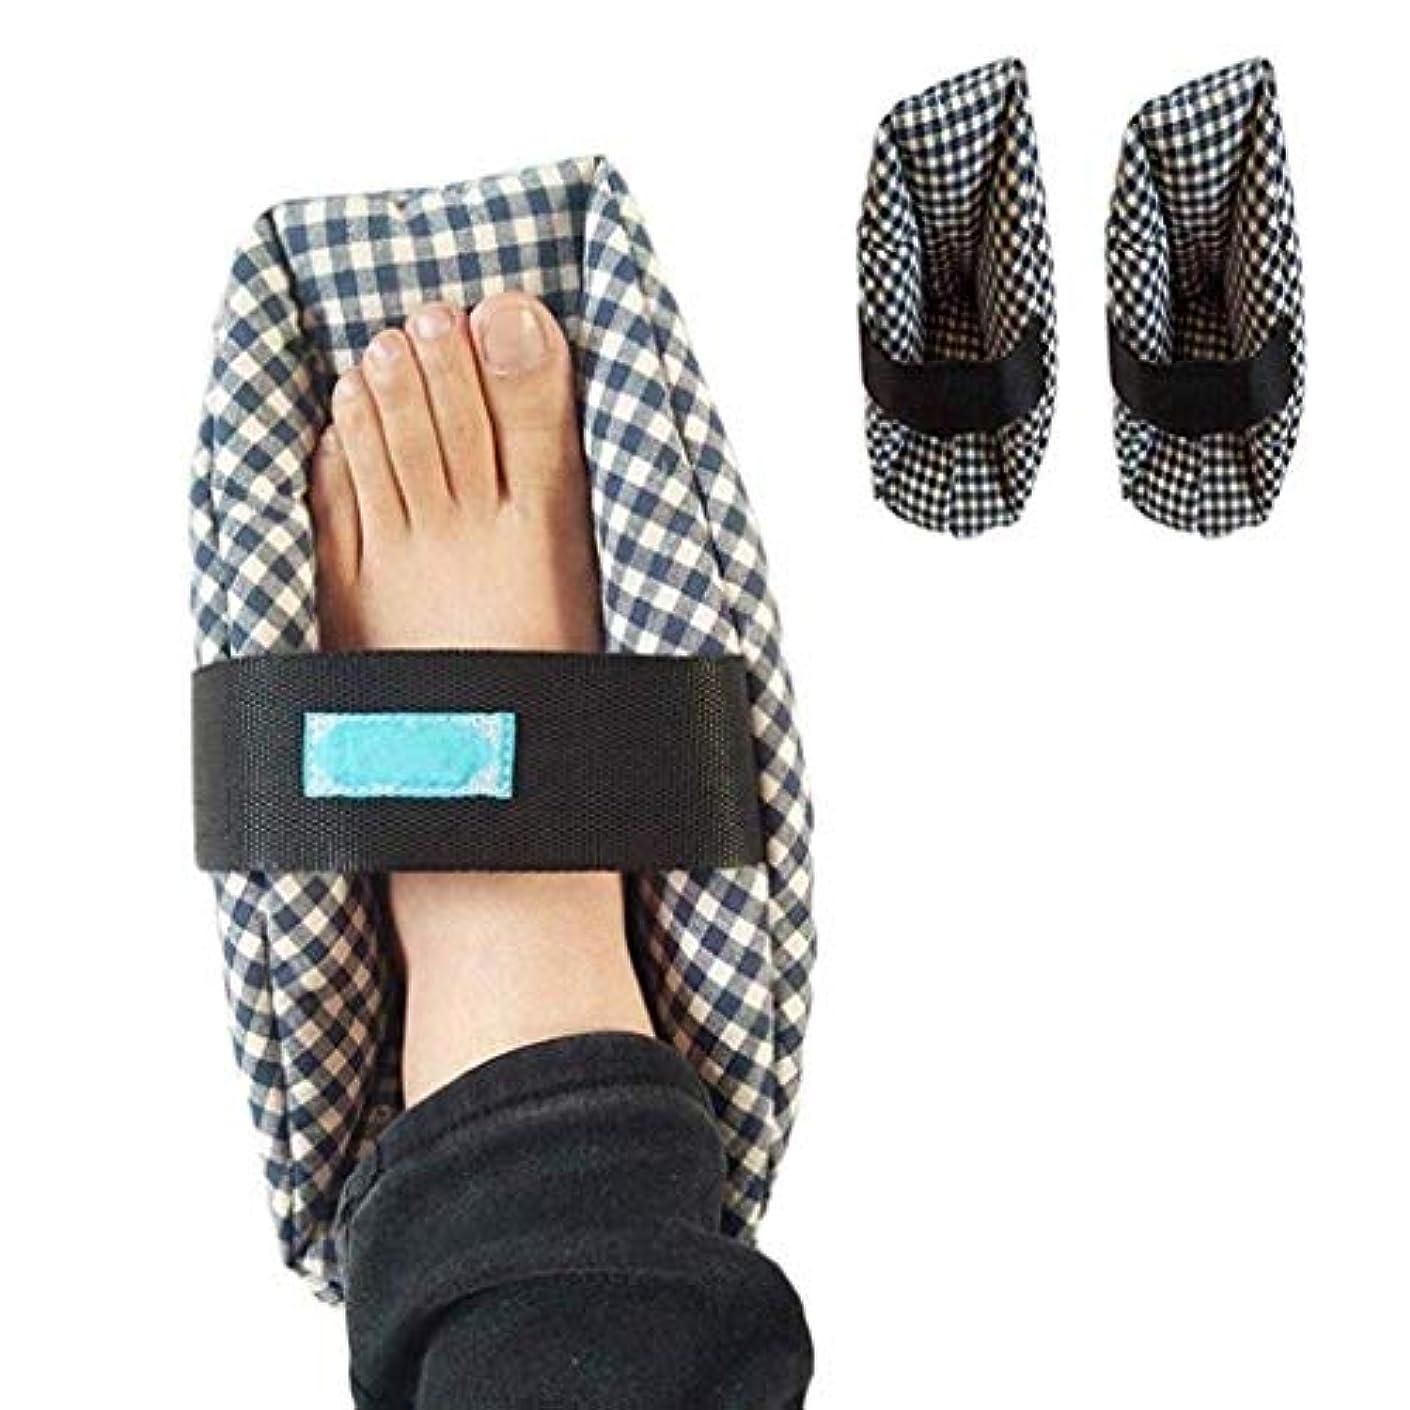 識別スロープ委任柔らかい快適なかかとプロテクター枕高齢者の足の補正カバーかかとパッドプロテクター反De瘡腫れ足寝たきり患者